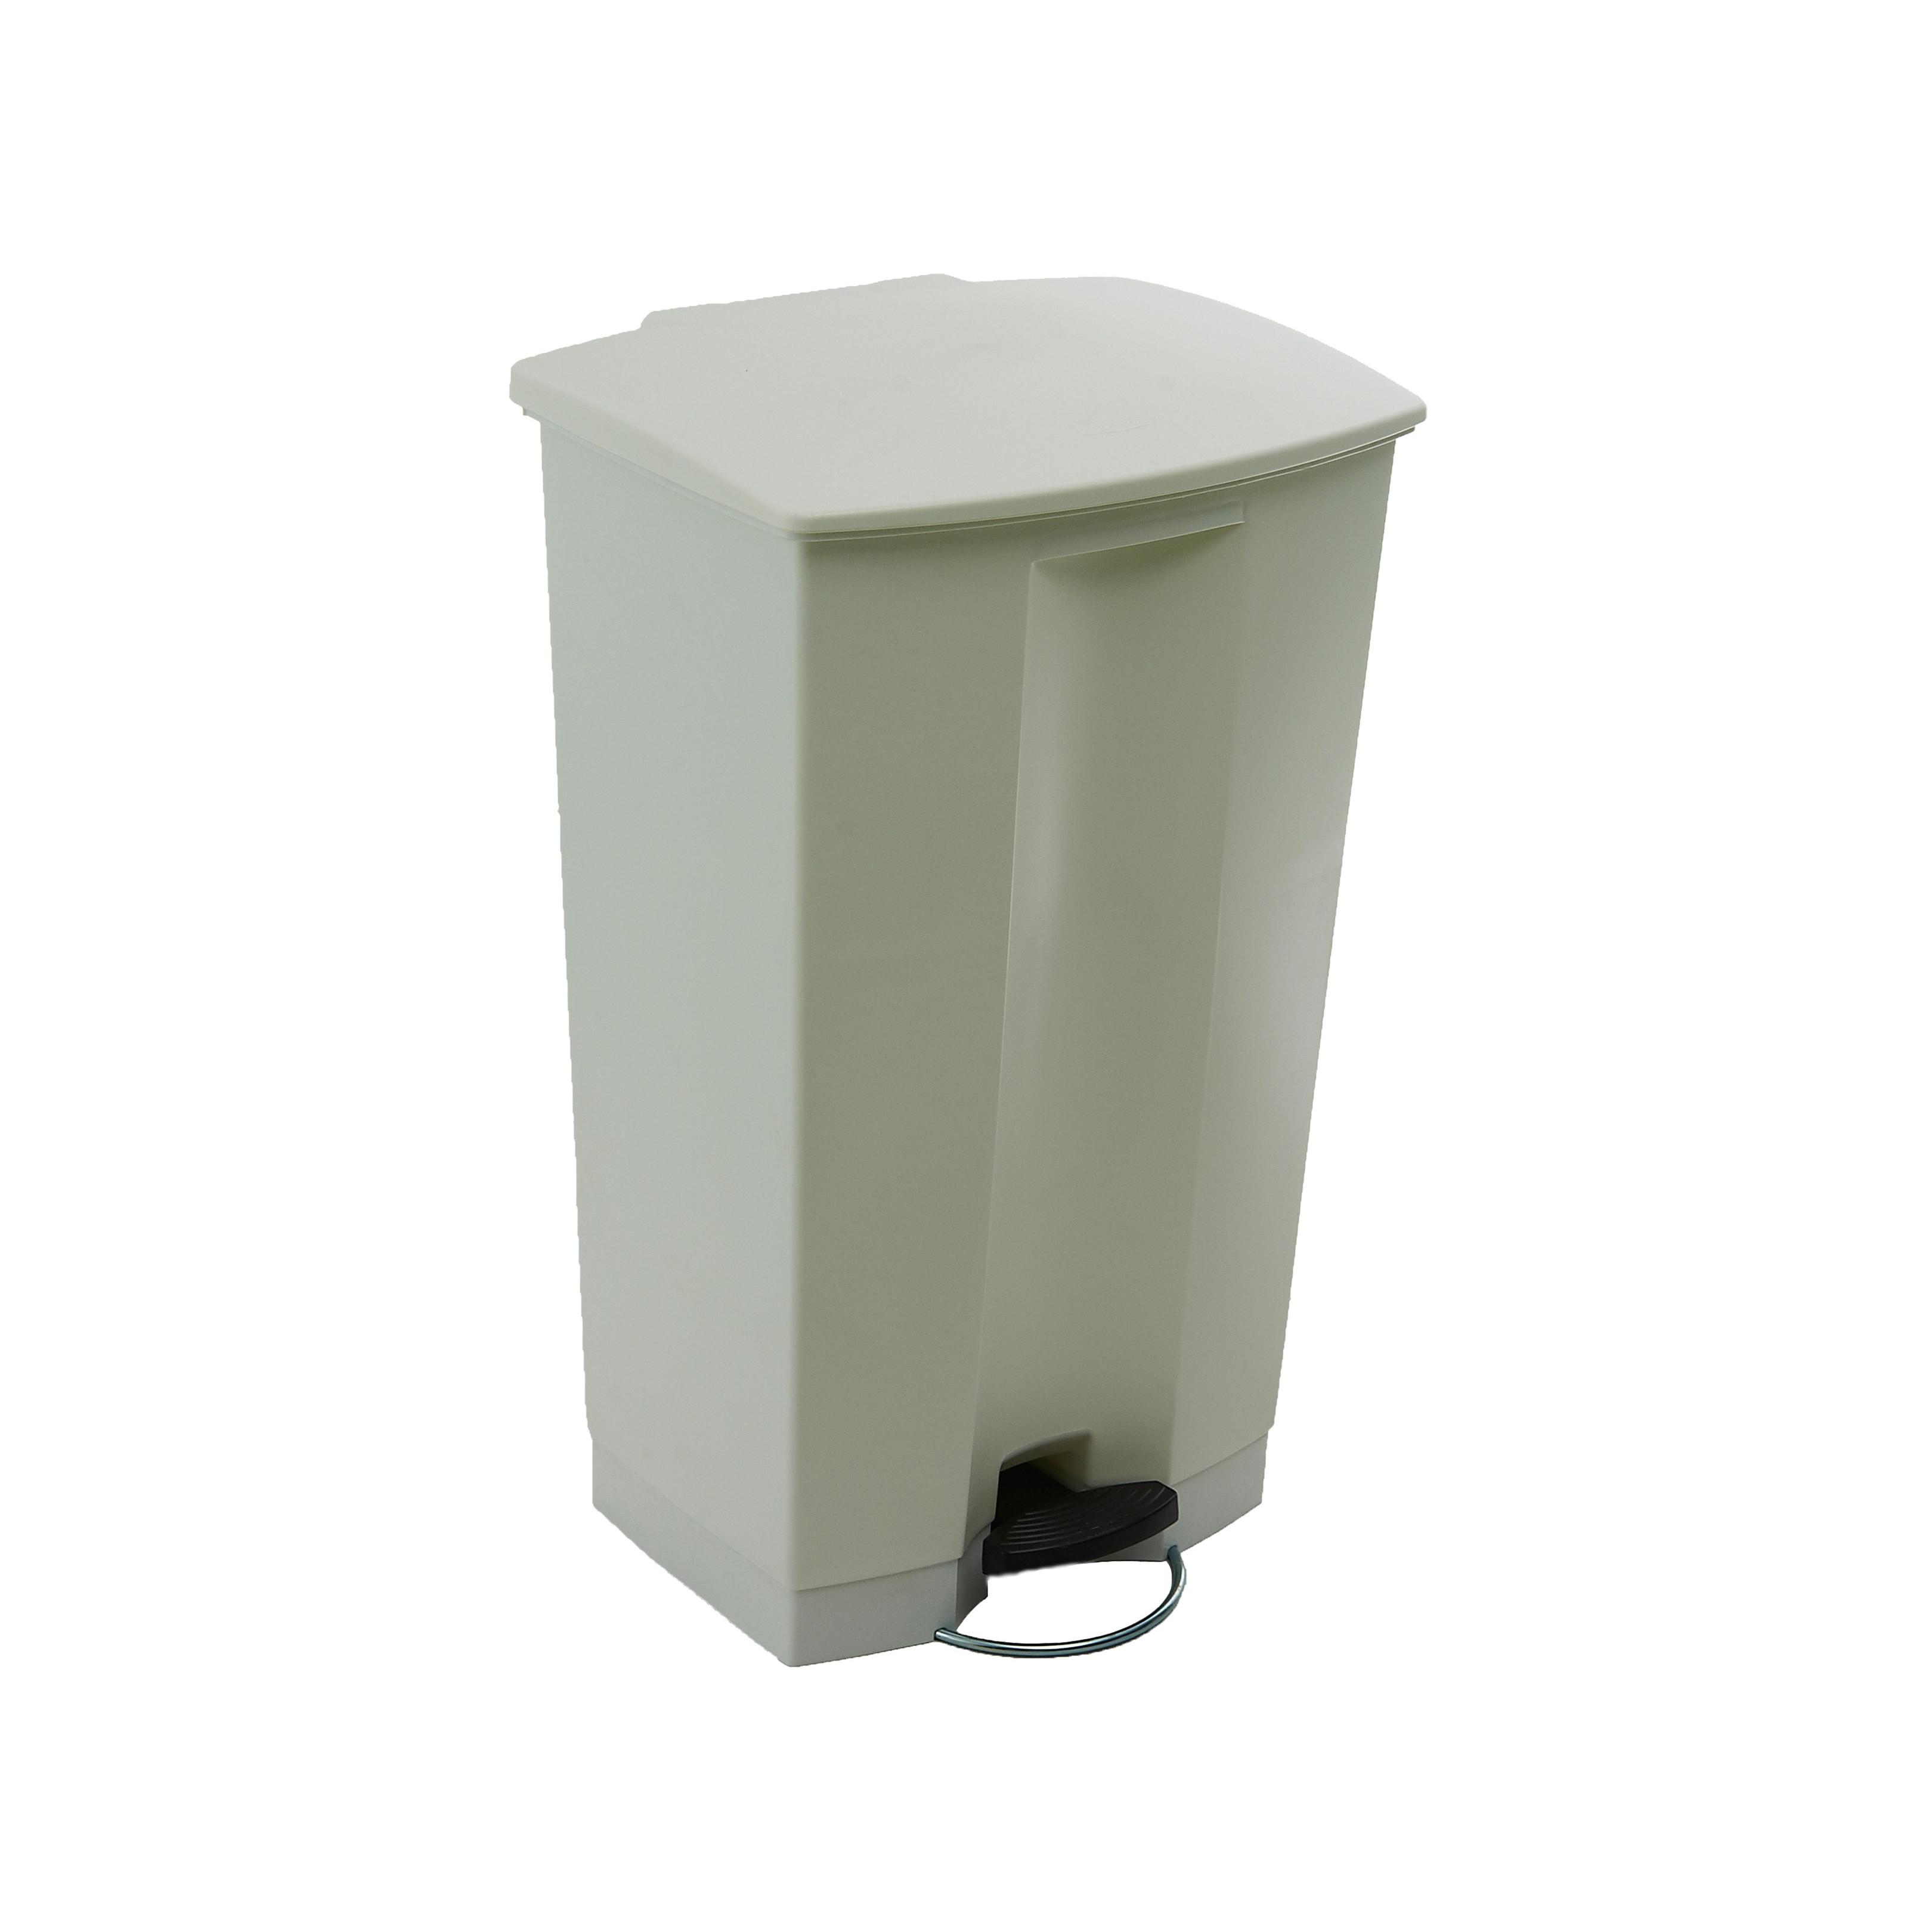 Thùng rác nhựa có nắp bật 87L hiệu TRUST mã 1255WH - 18644547 , 2278632399801 , 62_23194960 , 4037000 , Thung-rac-nhua-co-nap-bat-87L-hieu-TRUST-ma-1255WH-62_23194960 , tiki.vn , Thùng rác nhựa có nắp bật 87L hiệu TRUST mã 1255WH